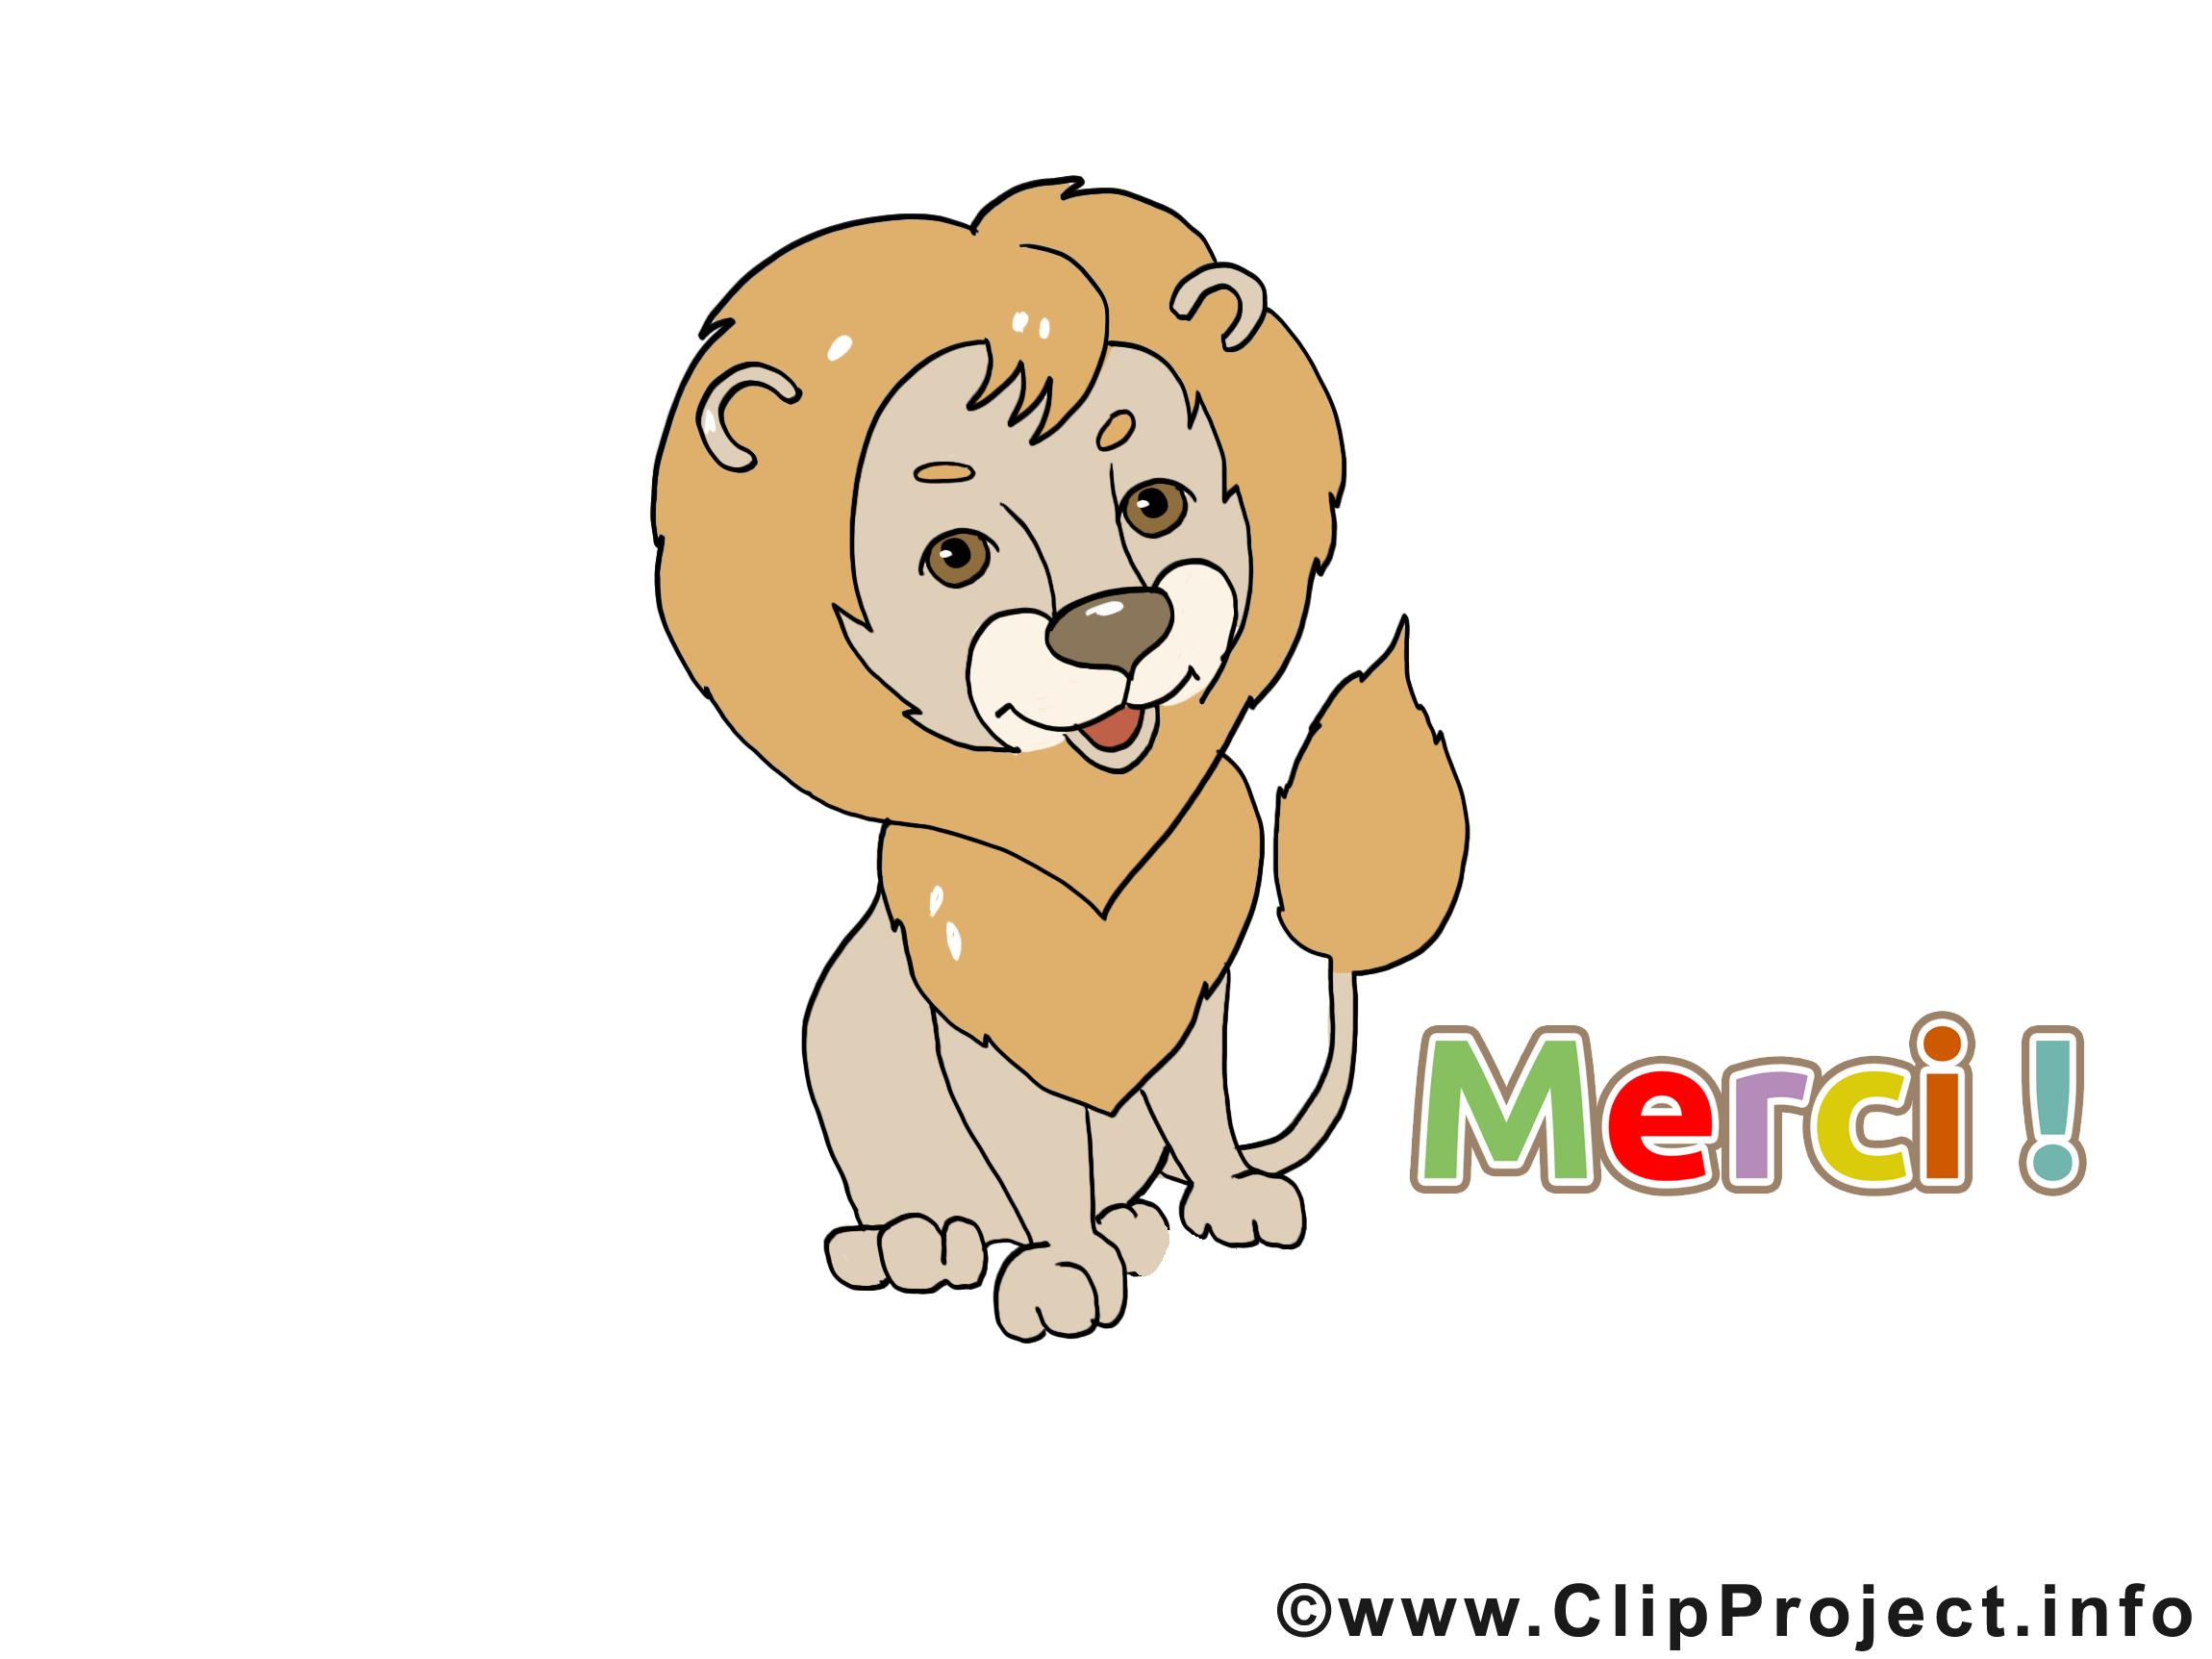 Lion merci image à télécharger gratuite